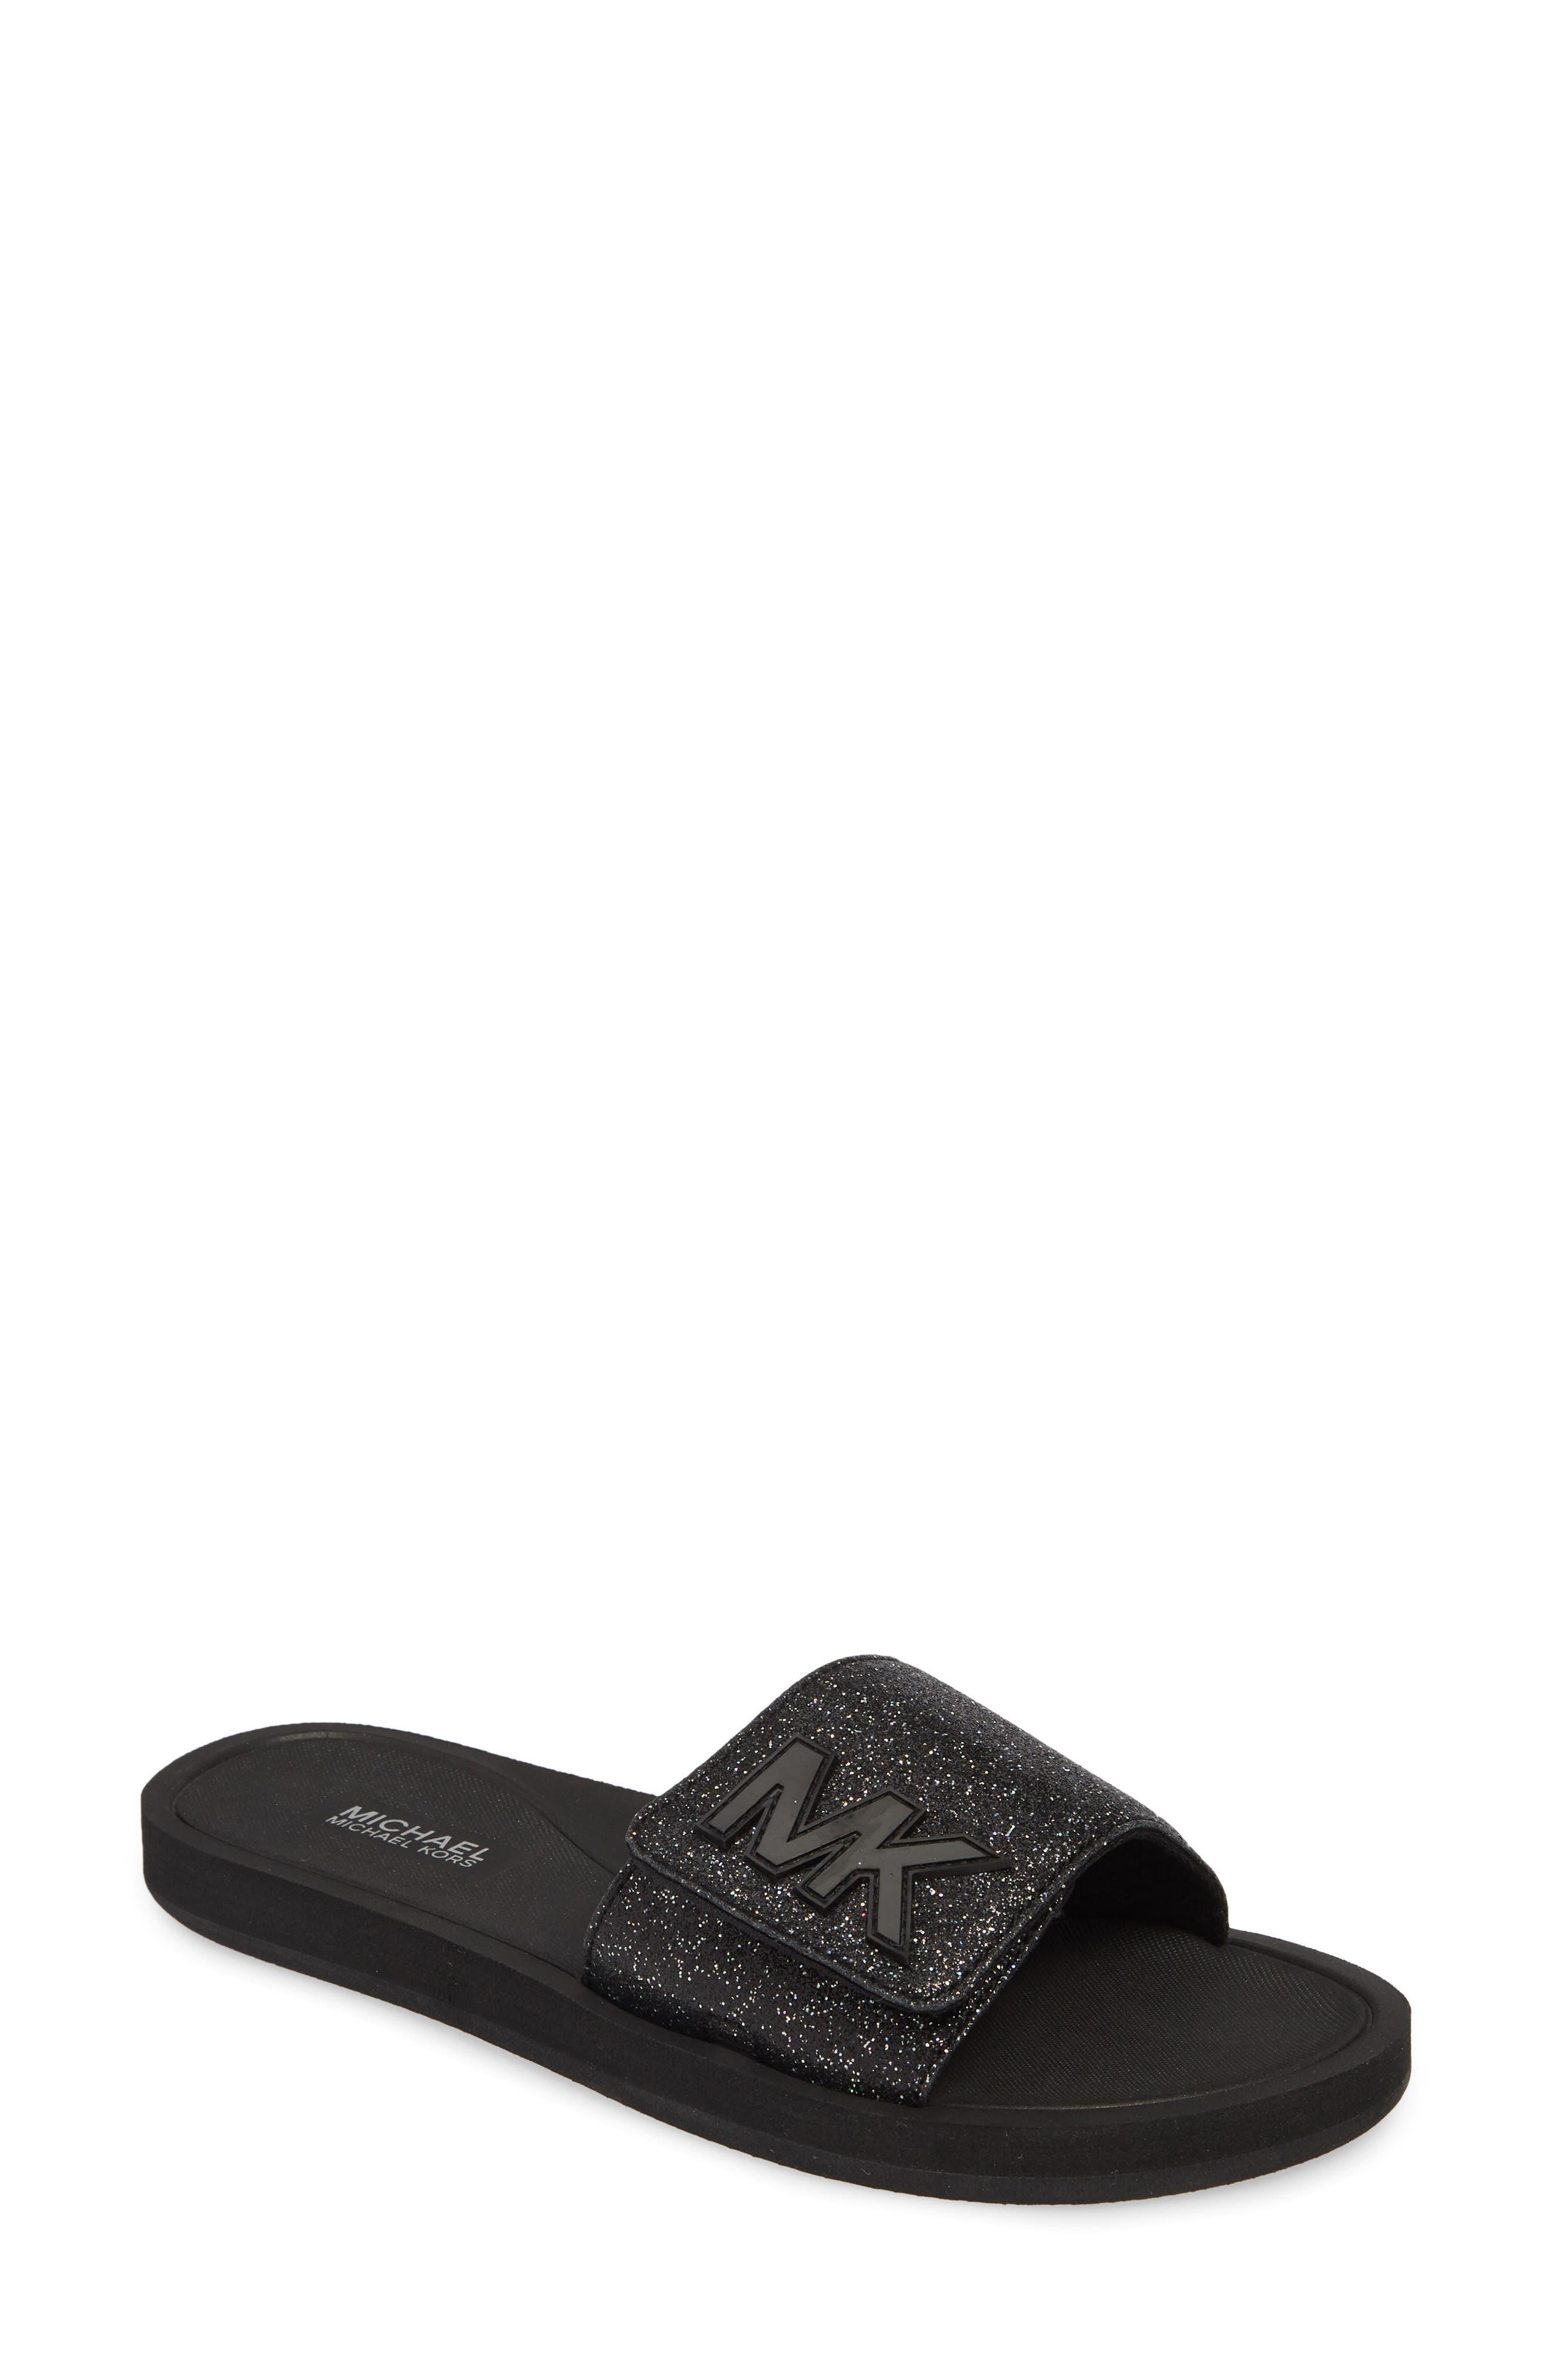 MICHAEL MICHAEL KORS MK Logo Slide Sandal, Main, color, BLACK GLITTER